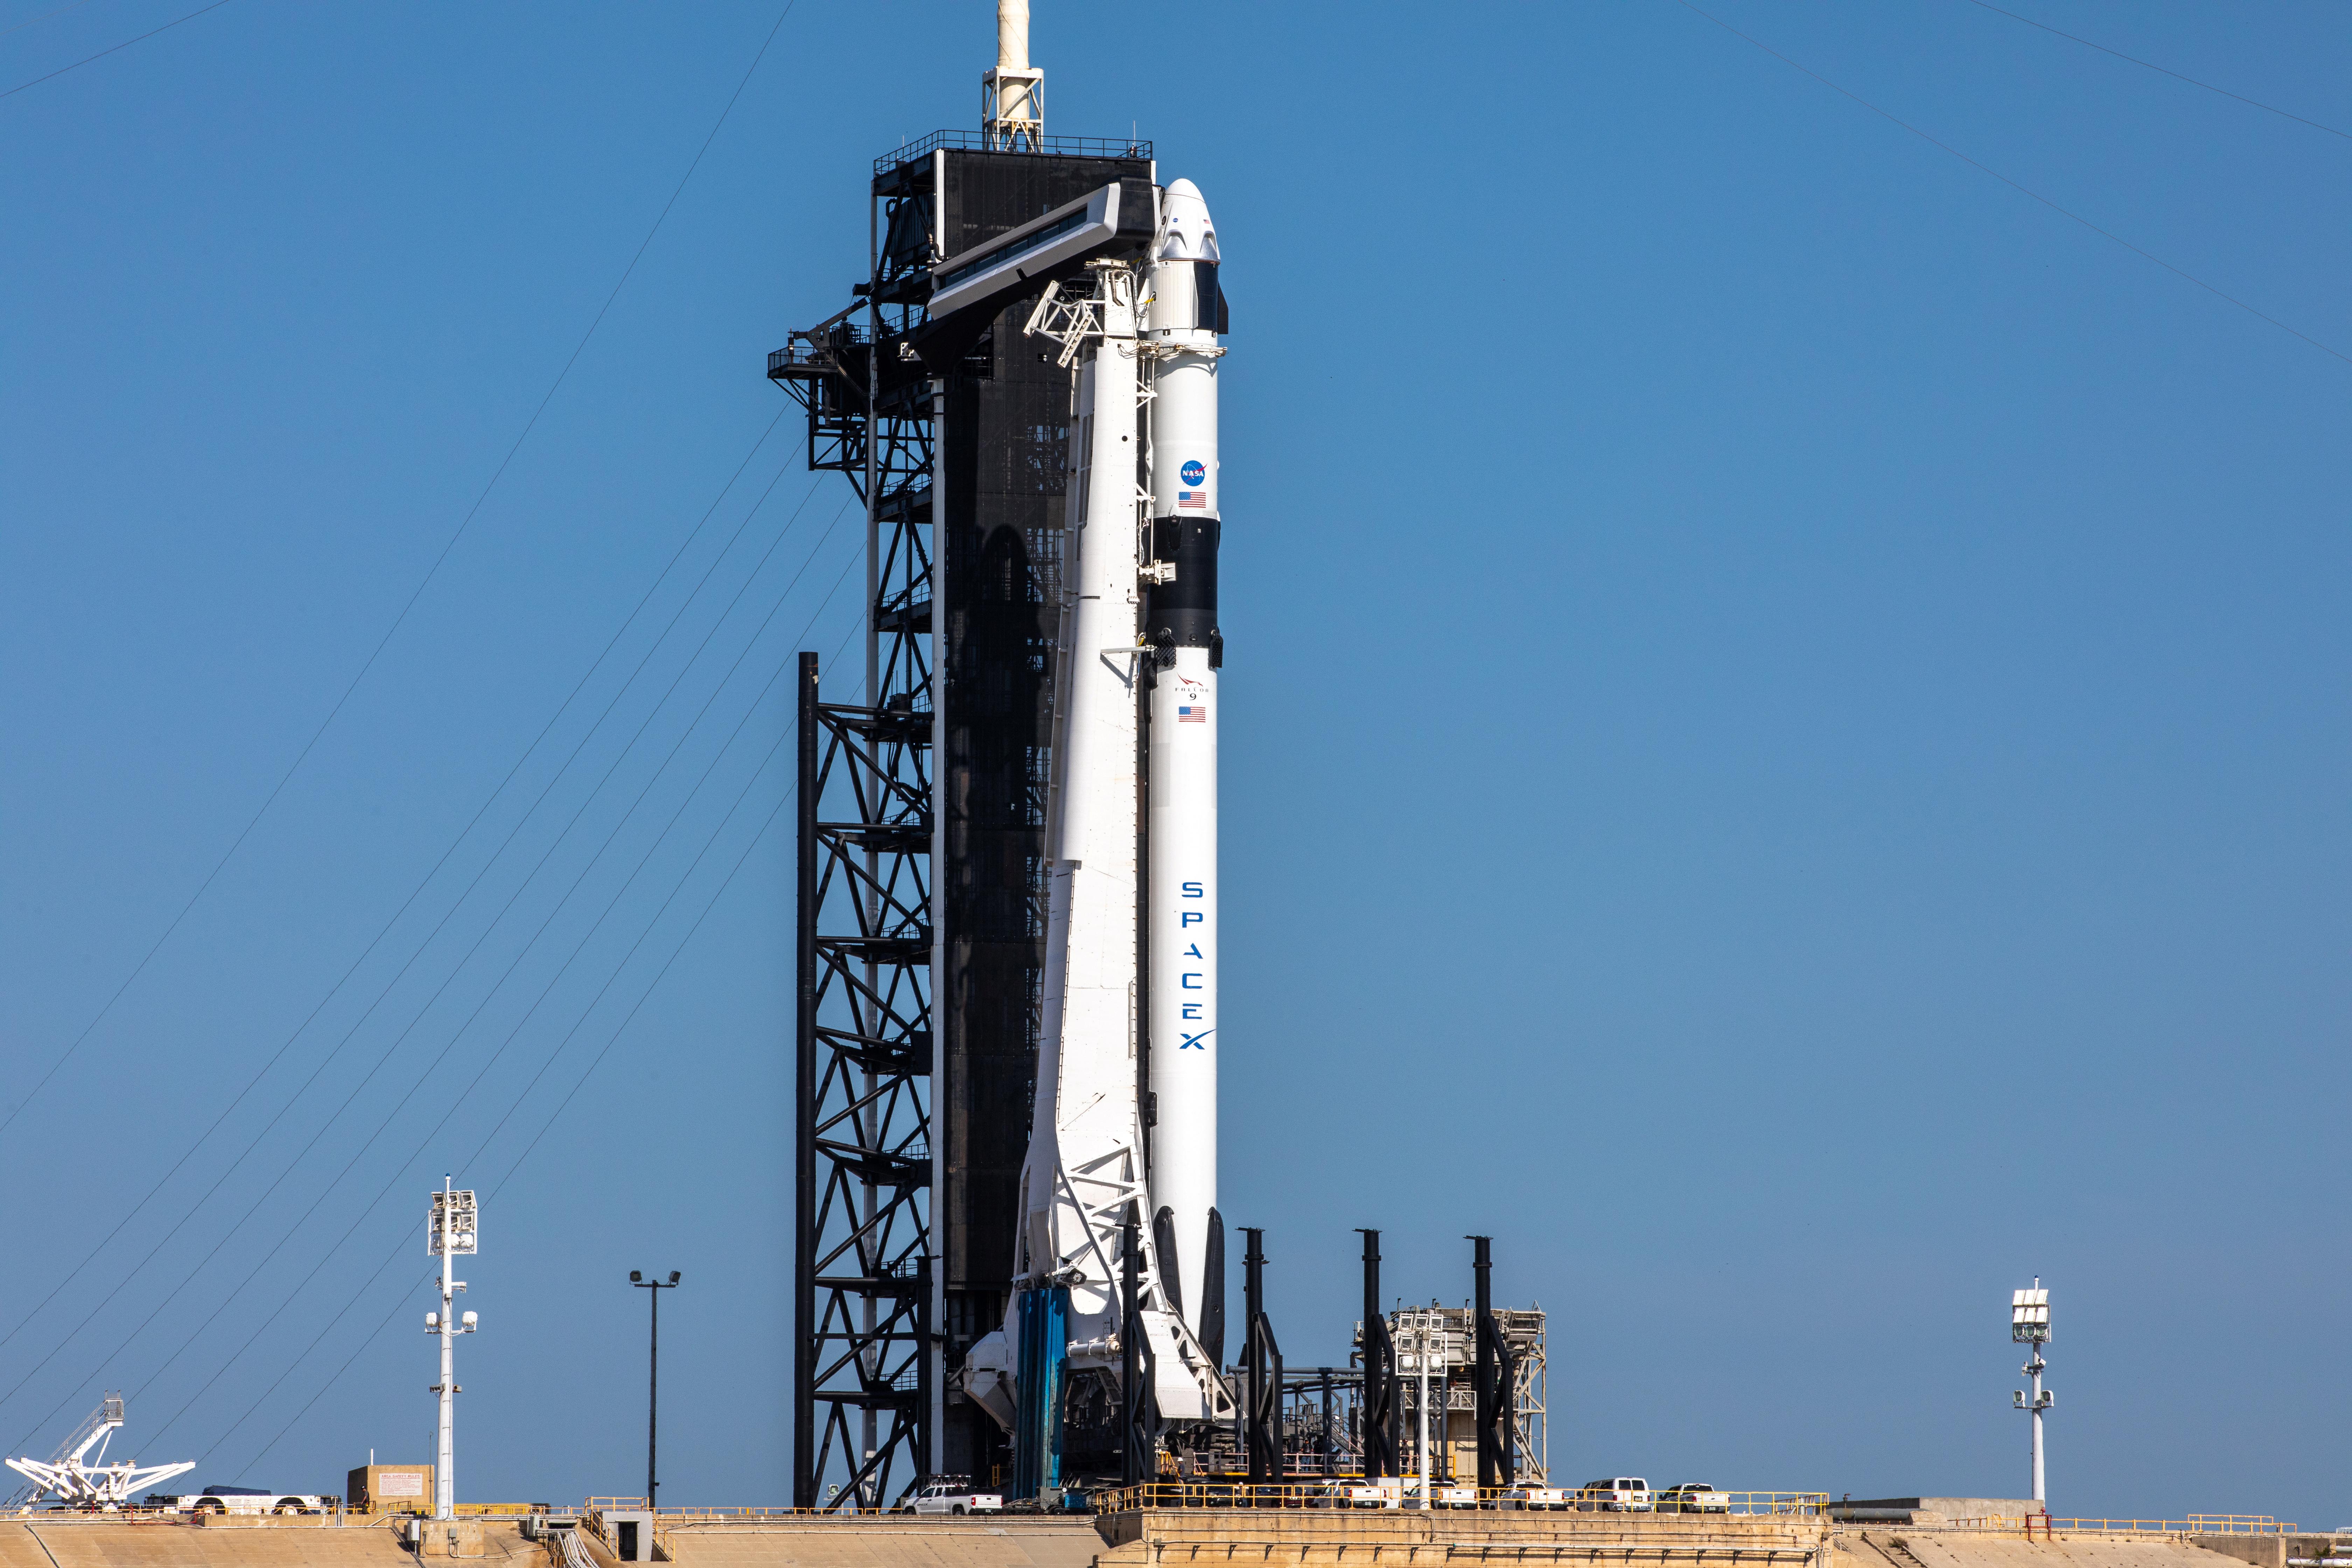 El cohete SpaceX Falcon 9, con el Dragón de la tripulación en la parte superior, está listo para su lanzamiento desde el Complejo de Lanzamiento 39A (NASA/KENNEDY SPACE CENTER/Kim Shiflett /Reparto a través de REUTERS)